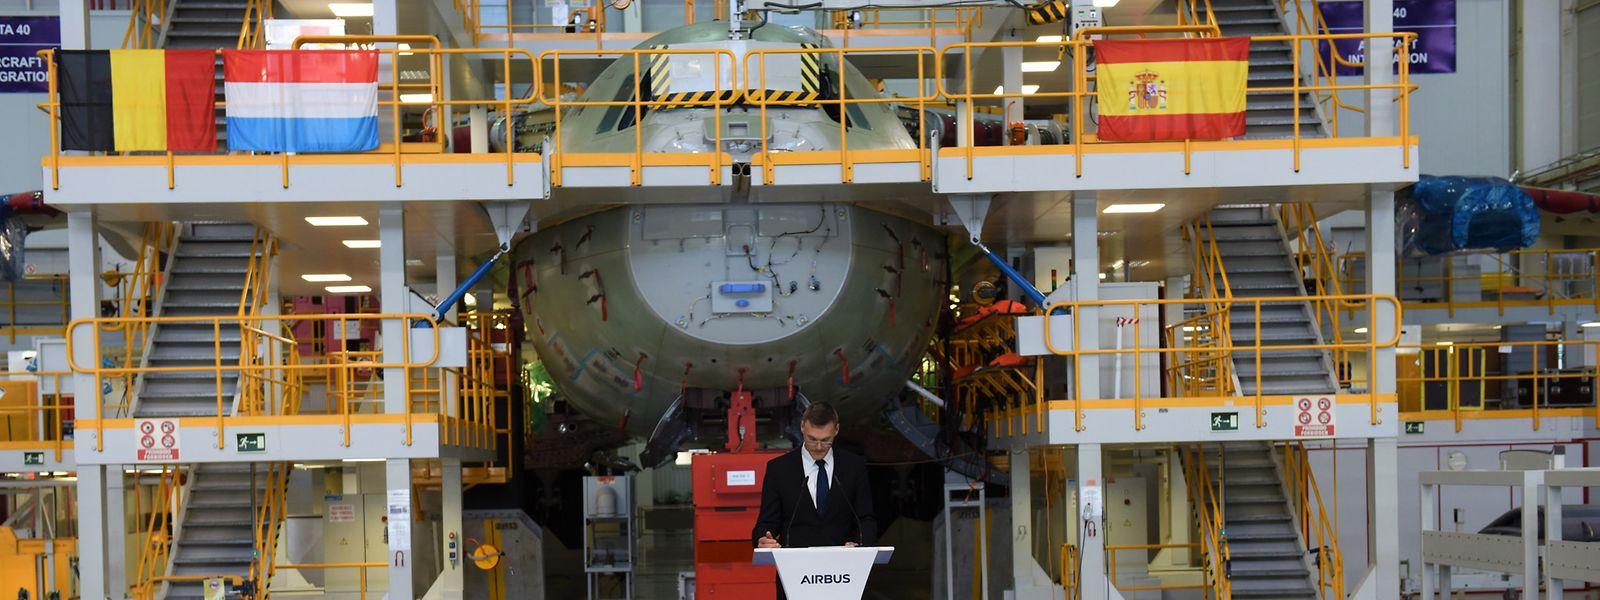 Eine Delegation aus Belgien und Luxemburg besuchte das Airbus-Werk in Sevilla.